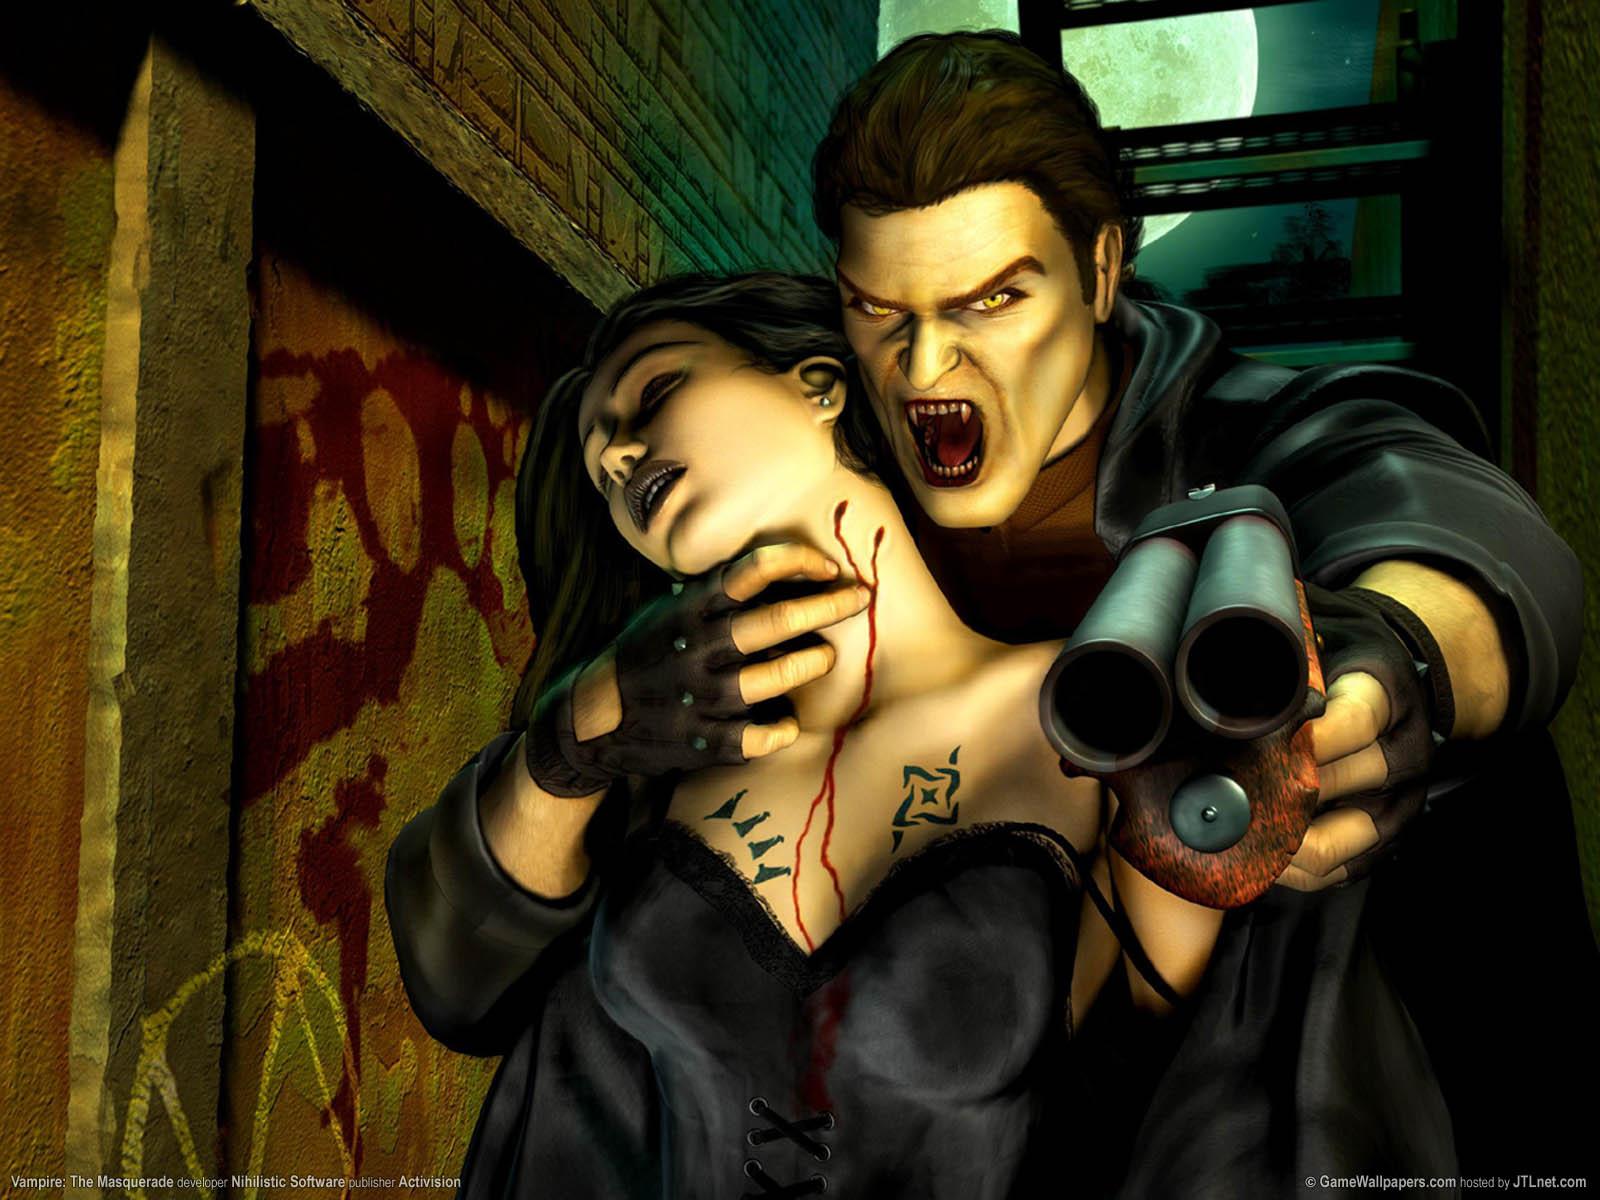 Vampire: The Masquerade fond d'écran 01 1600x1200